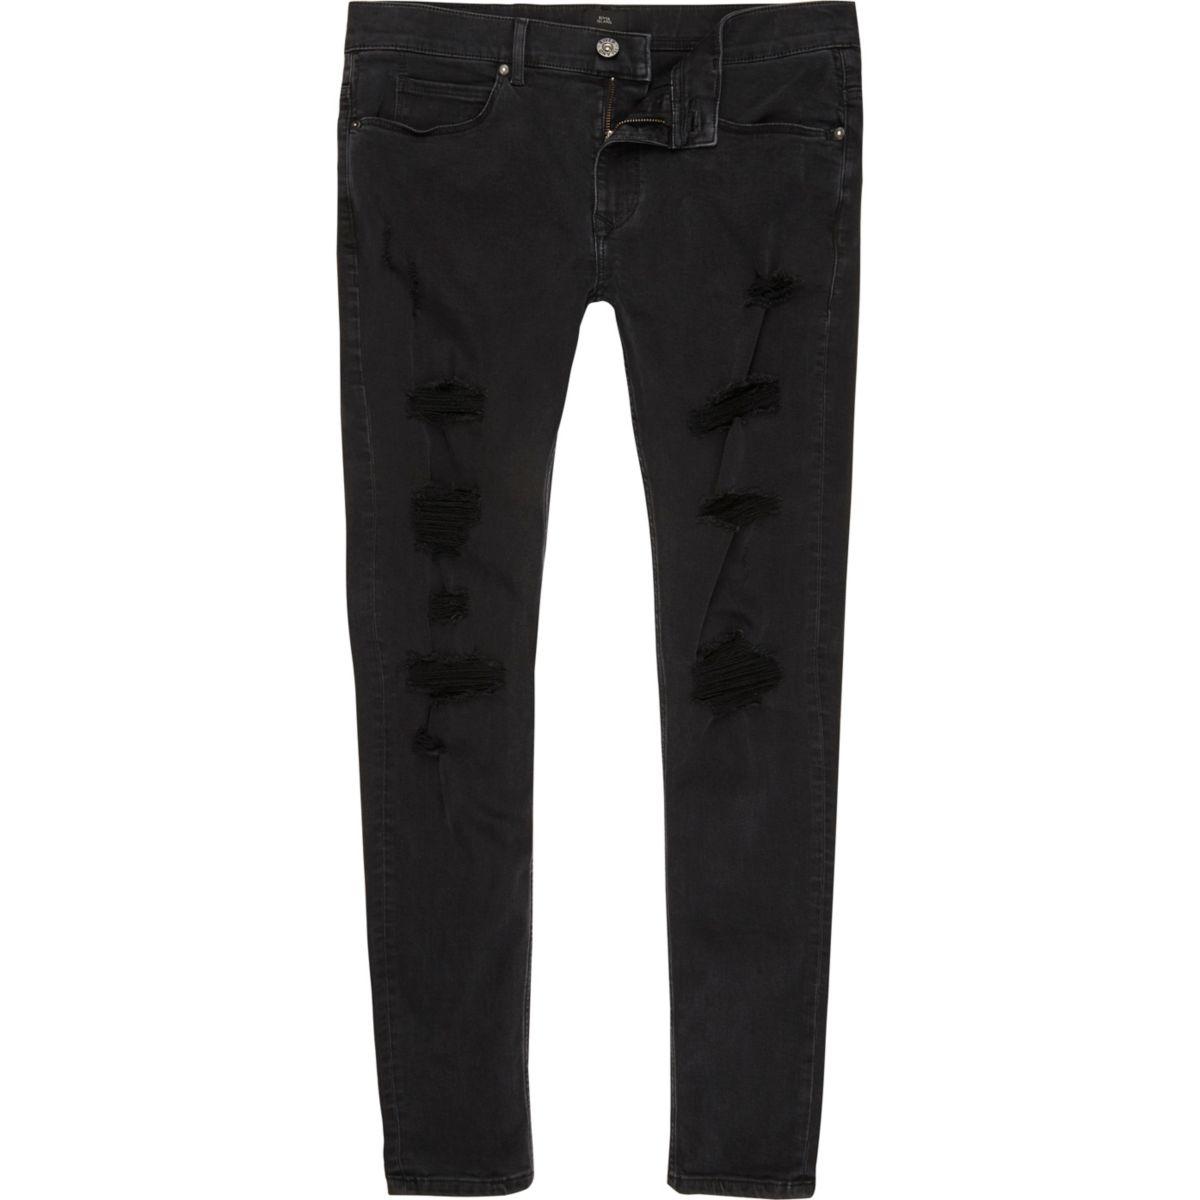 Ollie – Schwarze Super Skinny Spray-on-Jeans